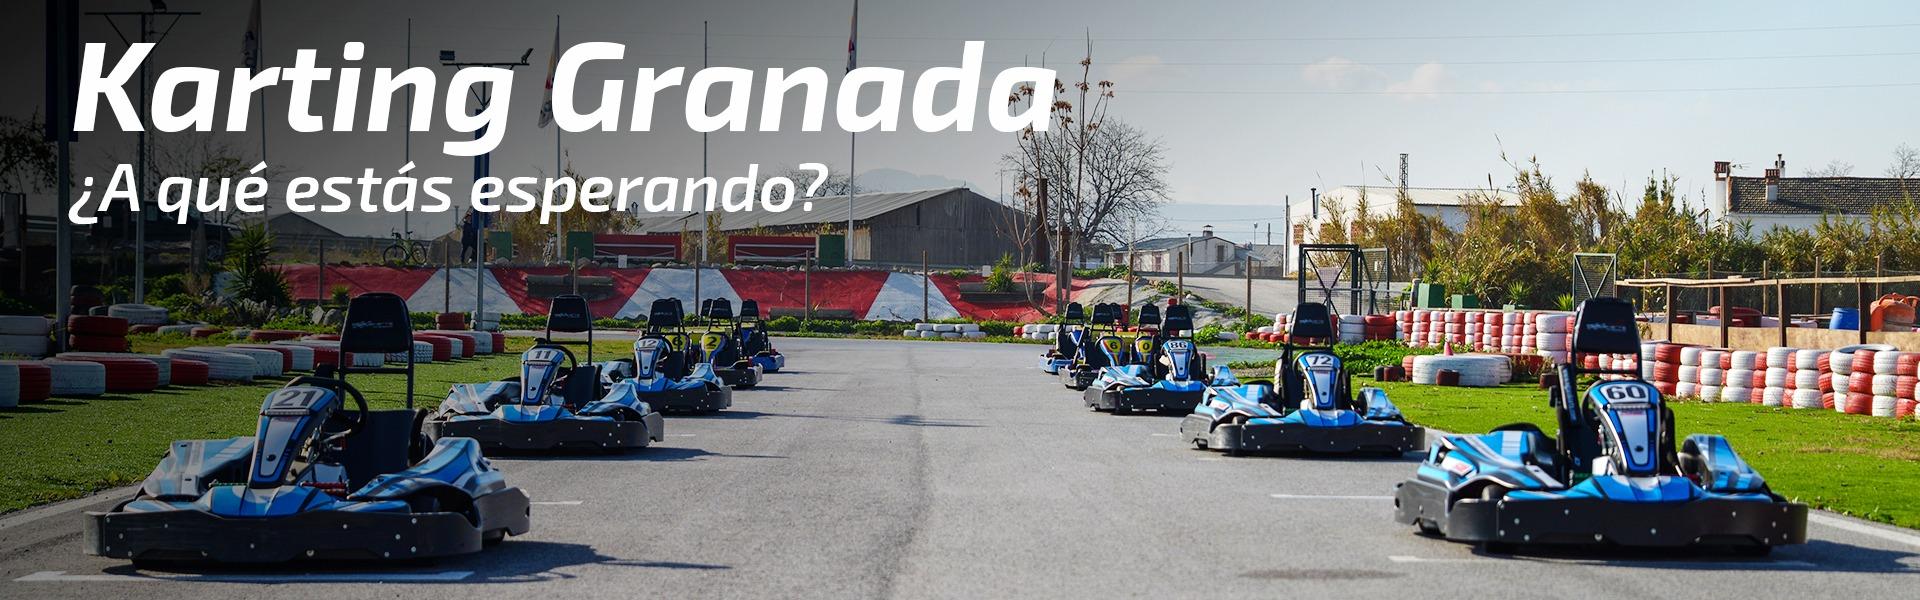 karting_granada_Outdor